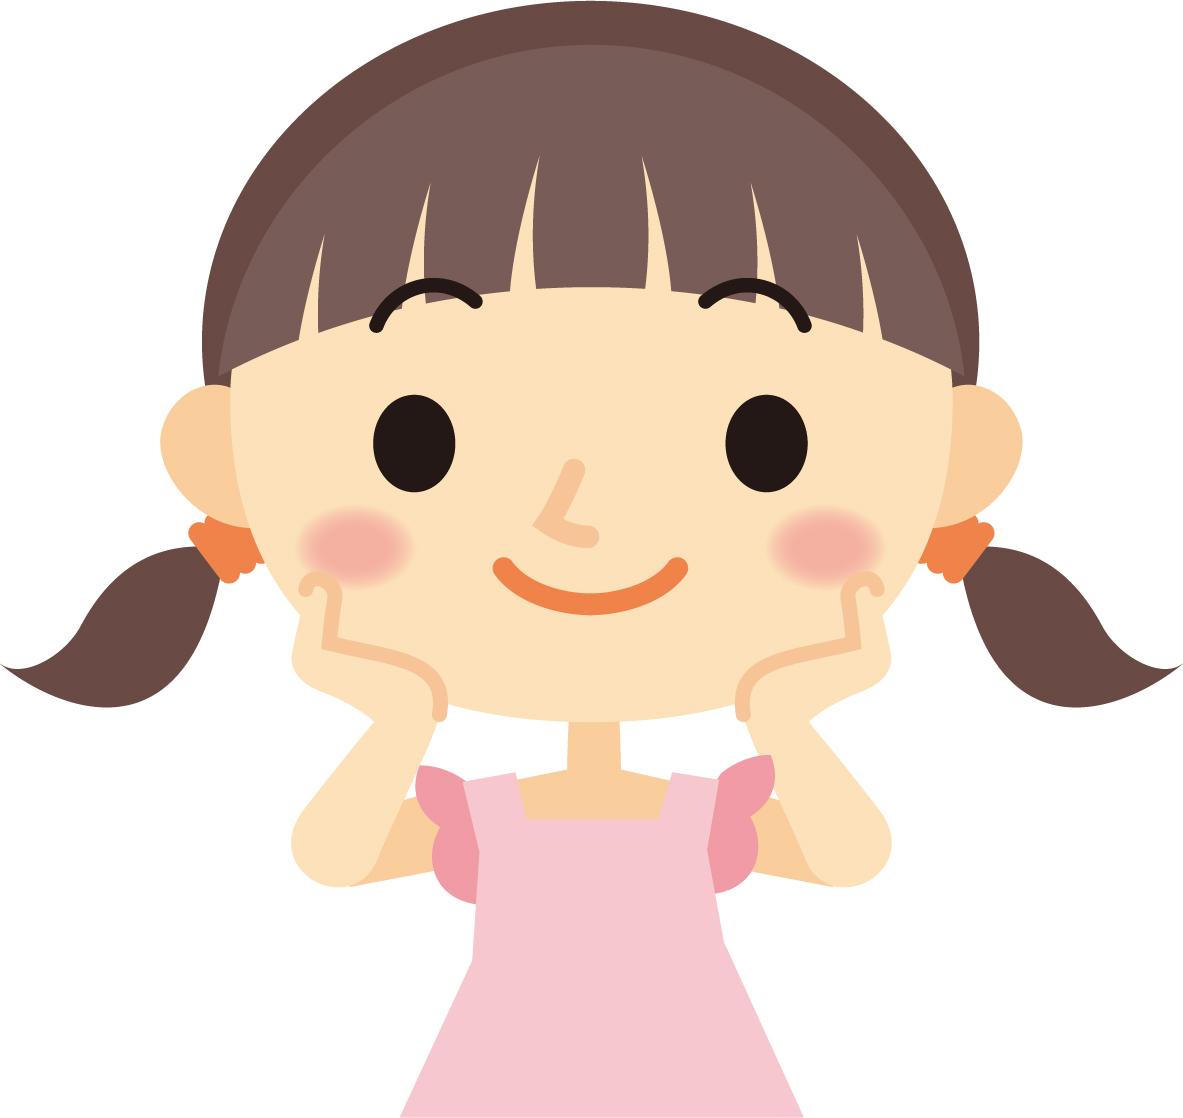 娘が自閉症スペクトラムと分かった経緯。クレーン現象、手をひらひらなど